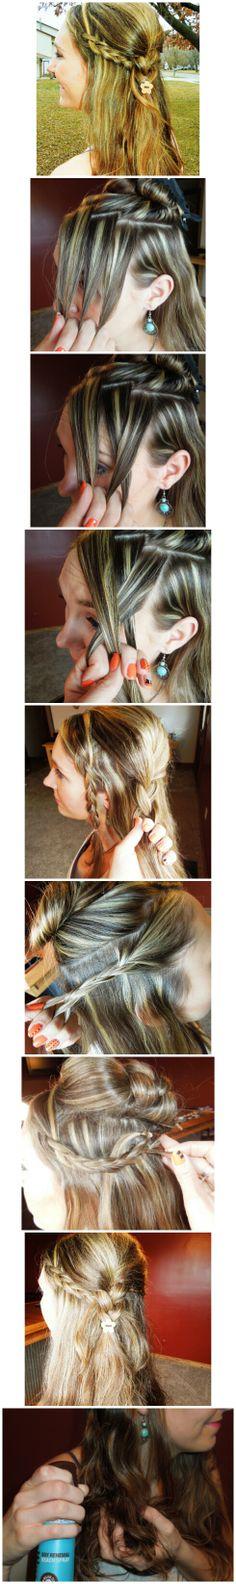 Amy_Robinson4 #festivalhair #hairtutorial #coachellahair #sexyahir #howto #DYI #Concerthair